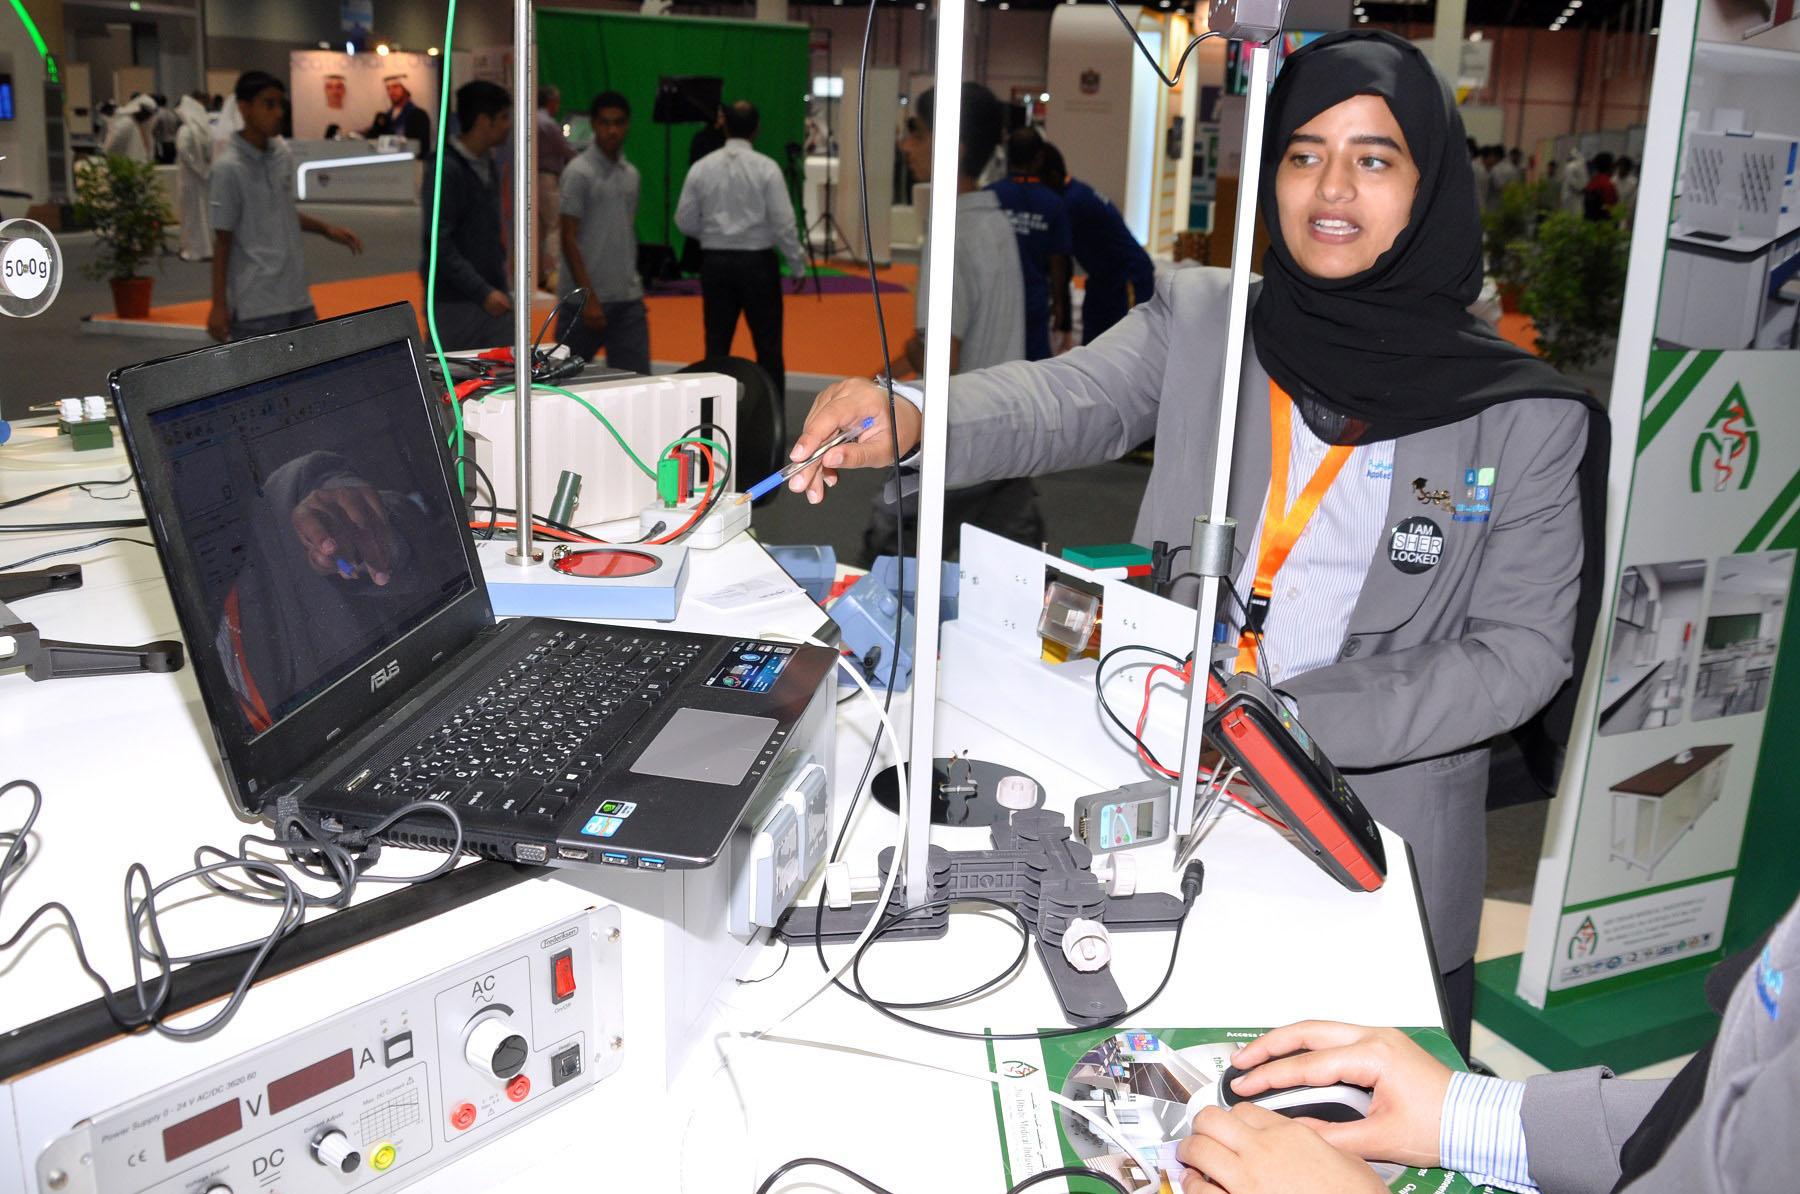 المسابقة الوطنية لمهارات الإمارات تنطلق غدا بدورتها العاشرة 4